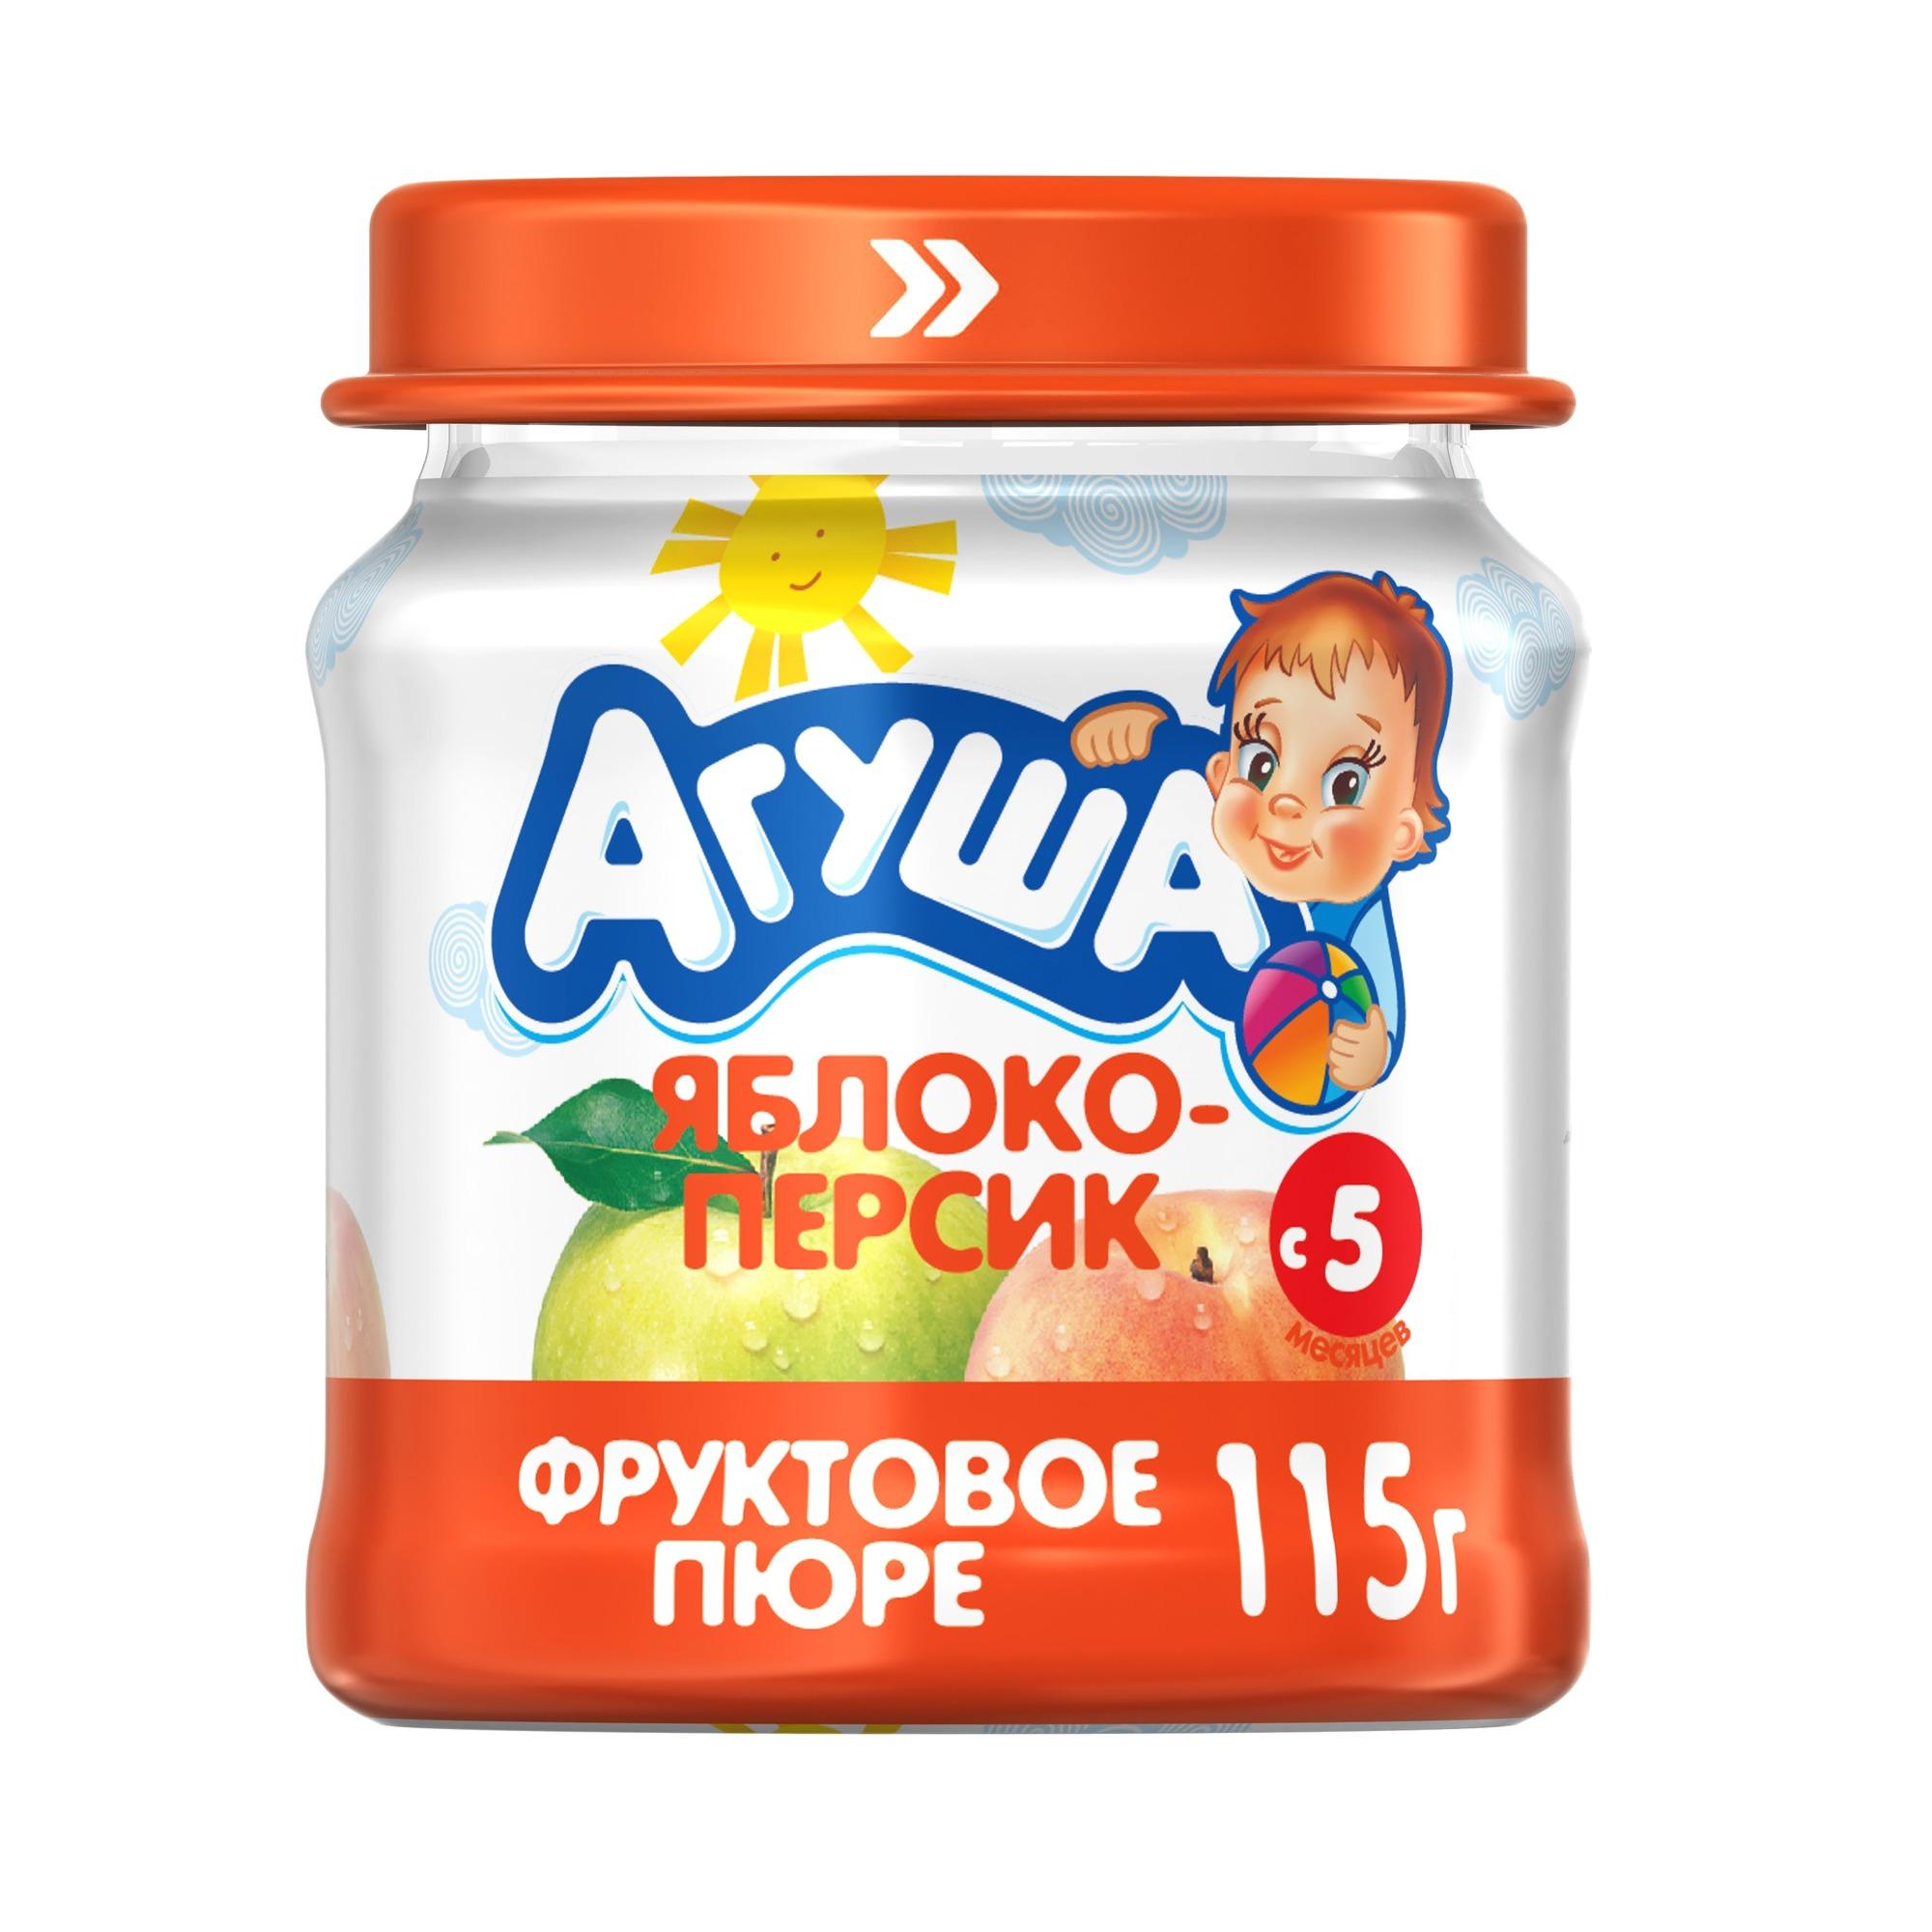 Купить Пюре фруктовое Агуша Яблоко-персик с 5 мес. 115 г, Фруктовое пюре